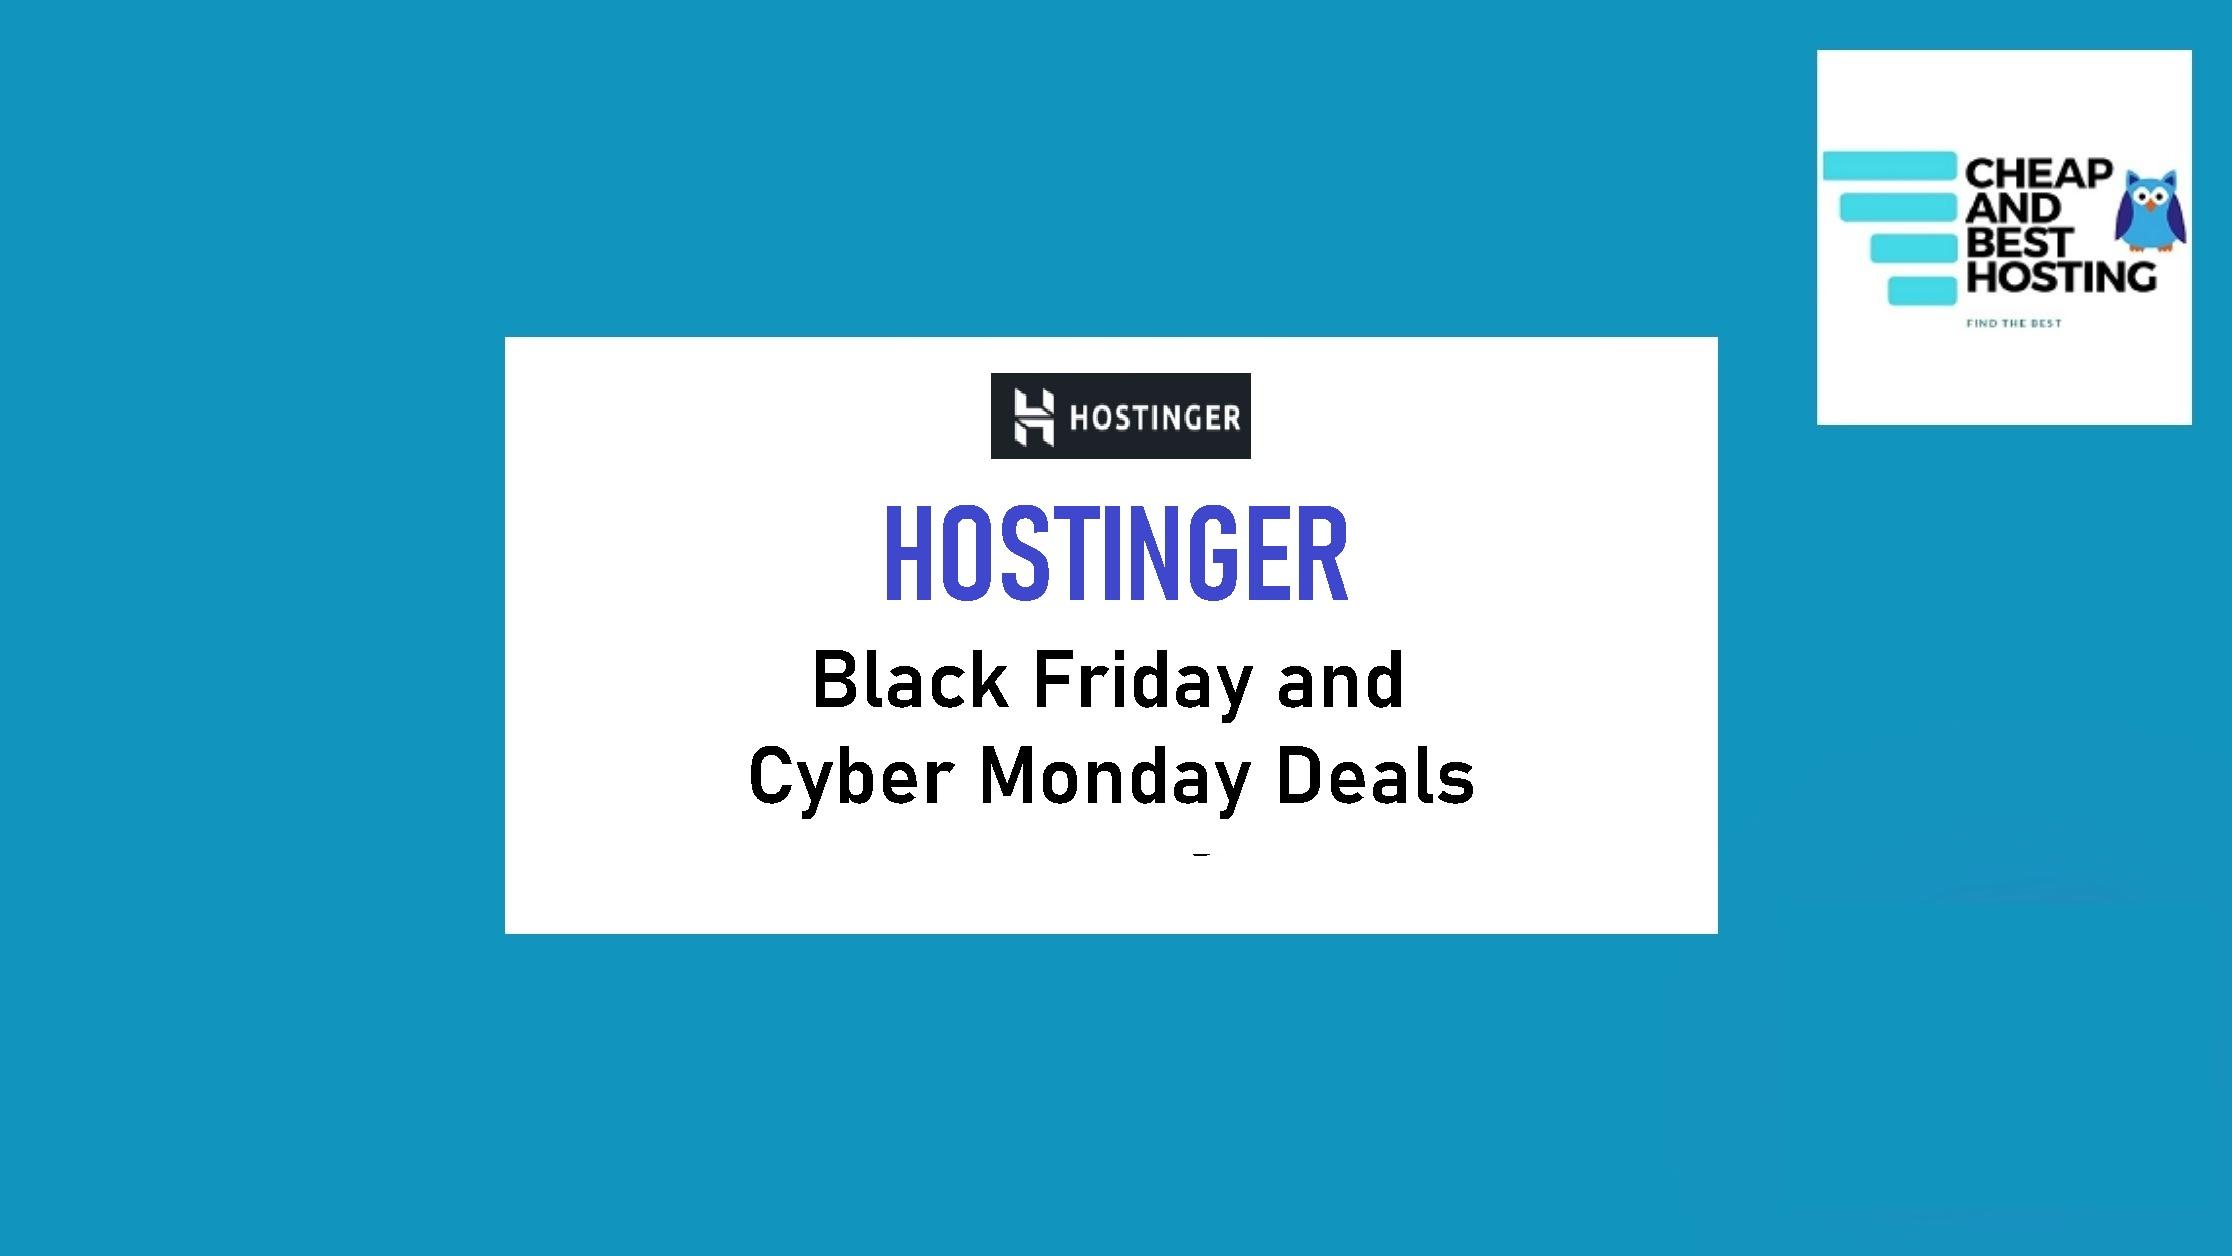 hostinger black friday 2020 deals and offers